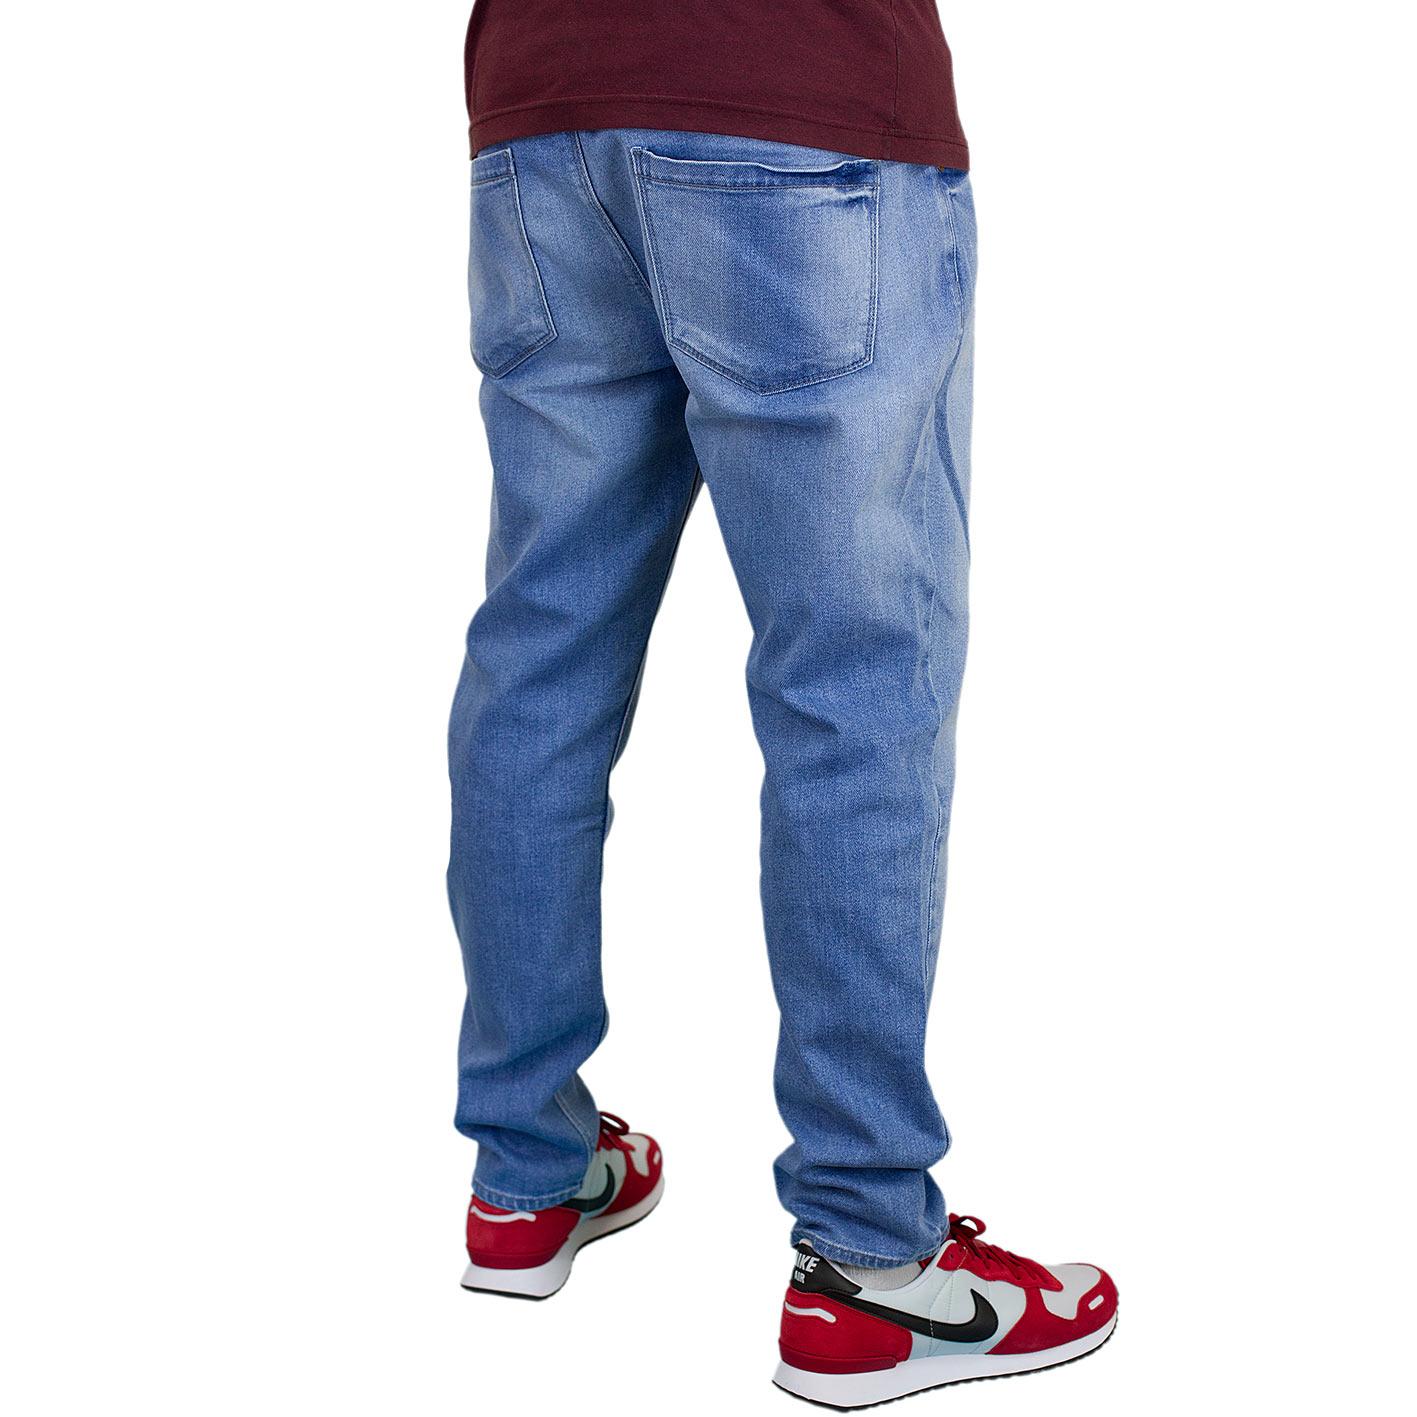 ☆ Reell Jeans Jogger hellblau wash hier bestellen!